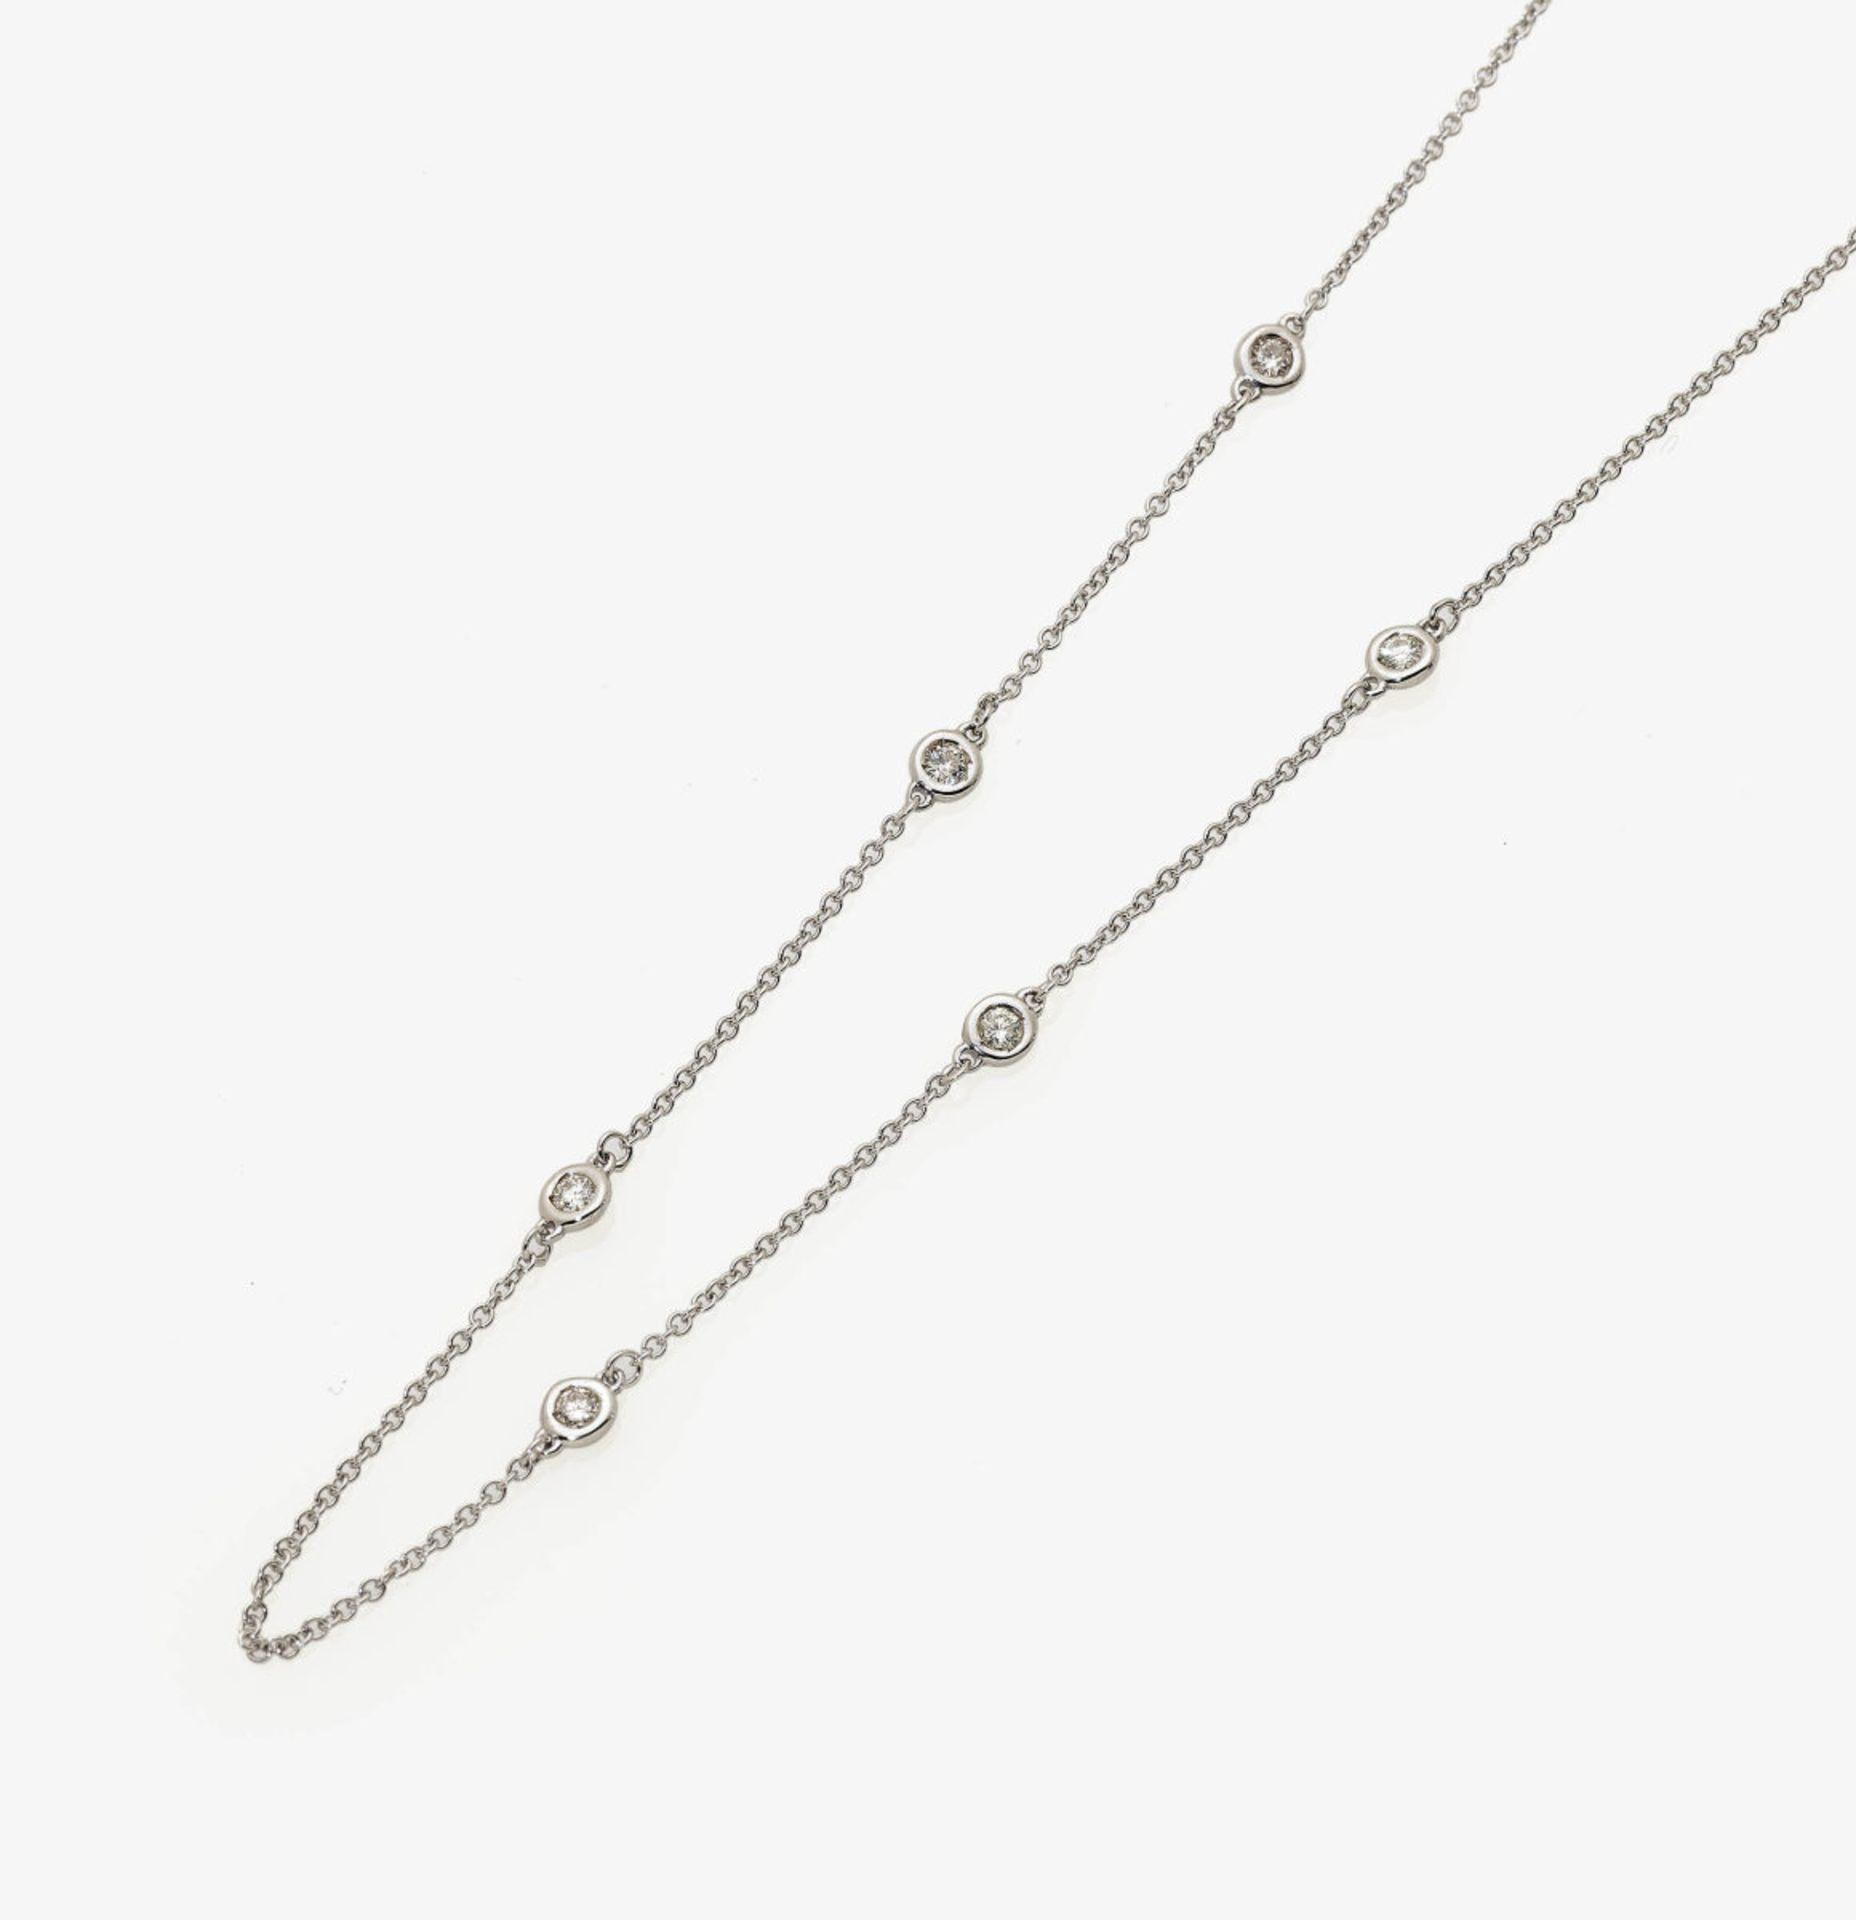 Los 1016 - A Diamond Necklace